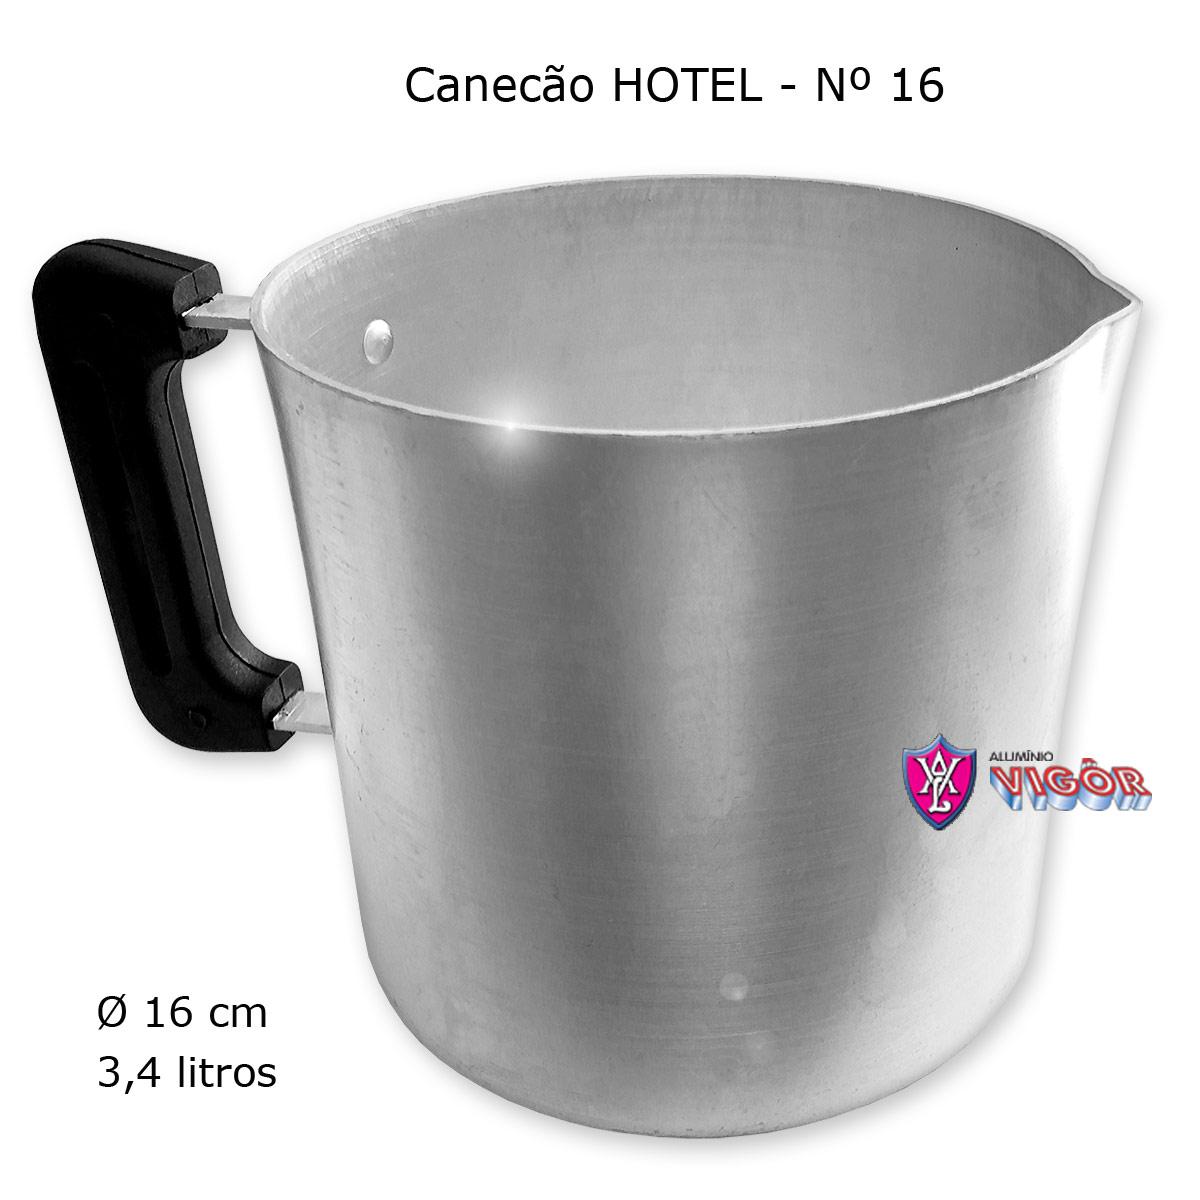 Canecão Hotel 16 com Cabo Baquelite - Vigôr